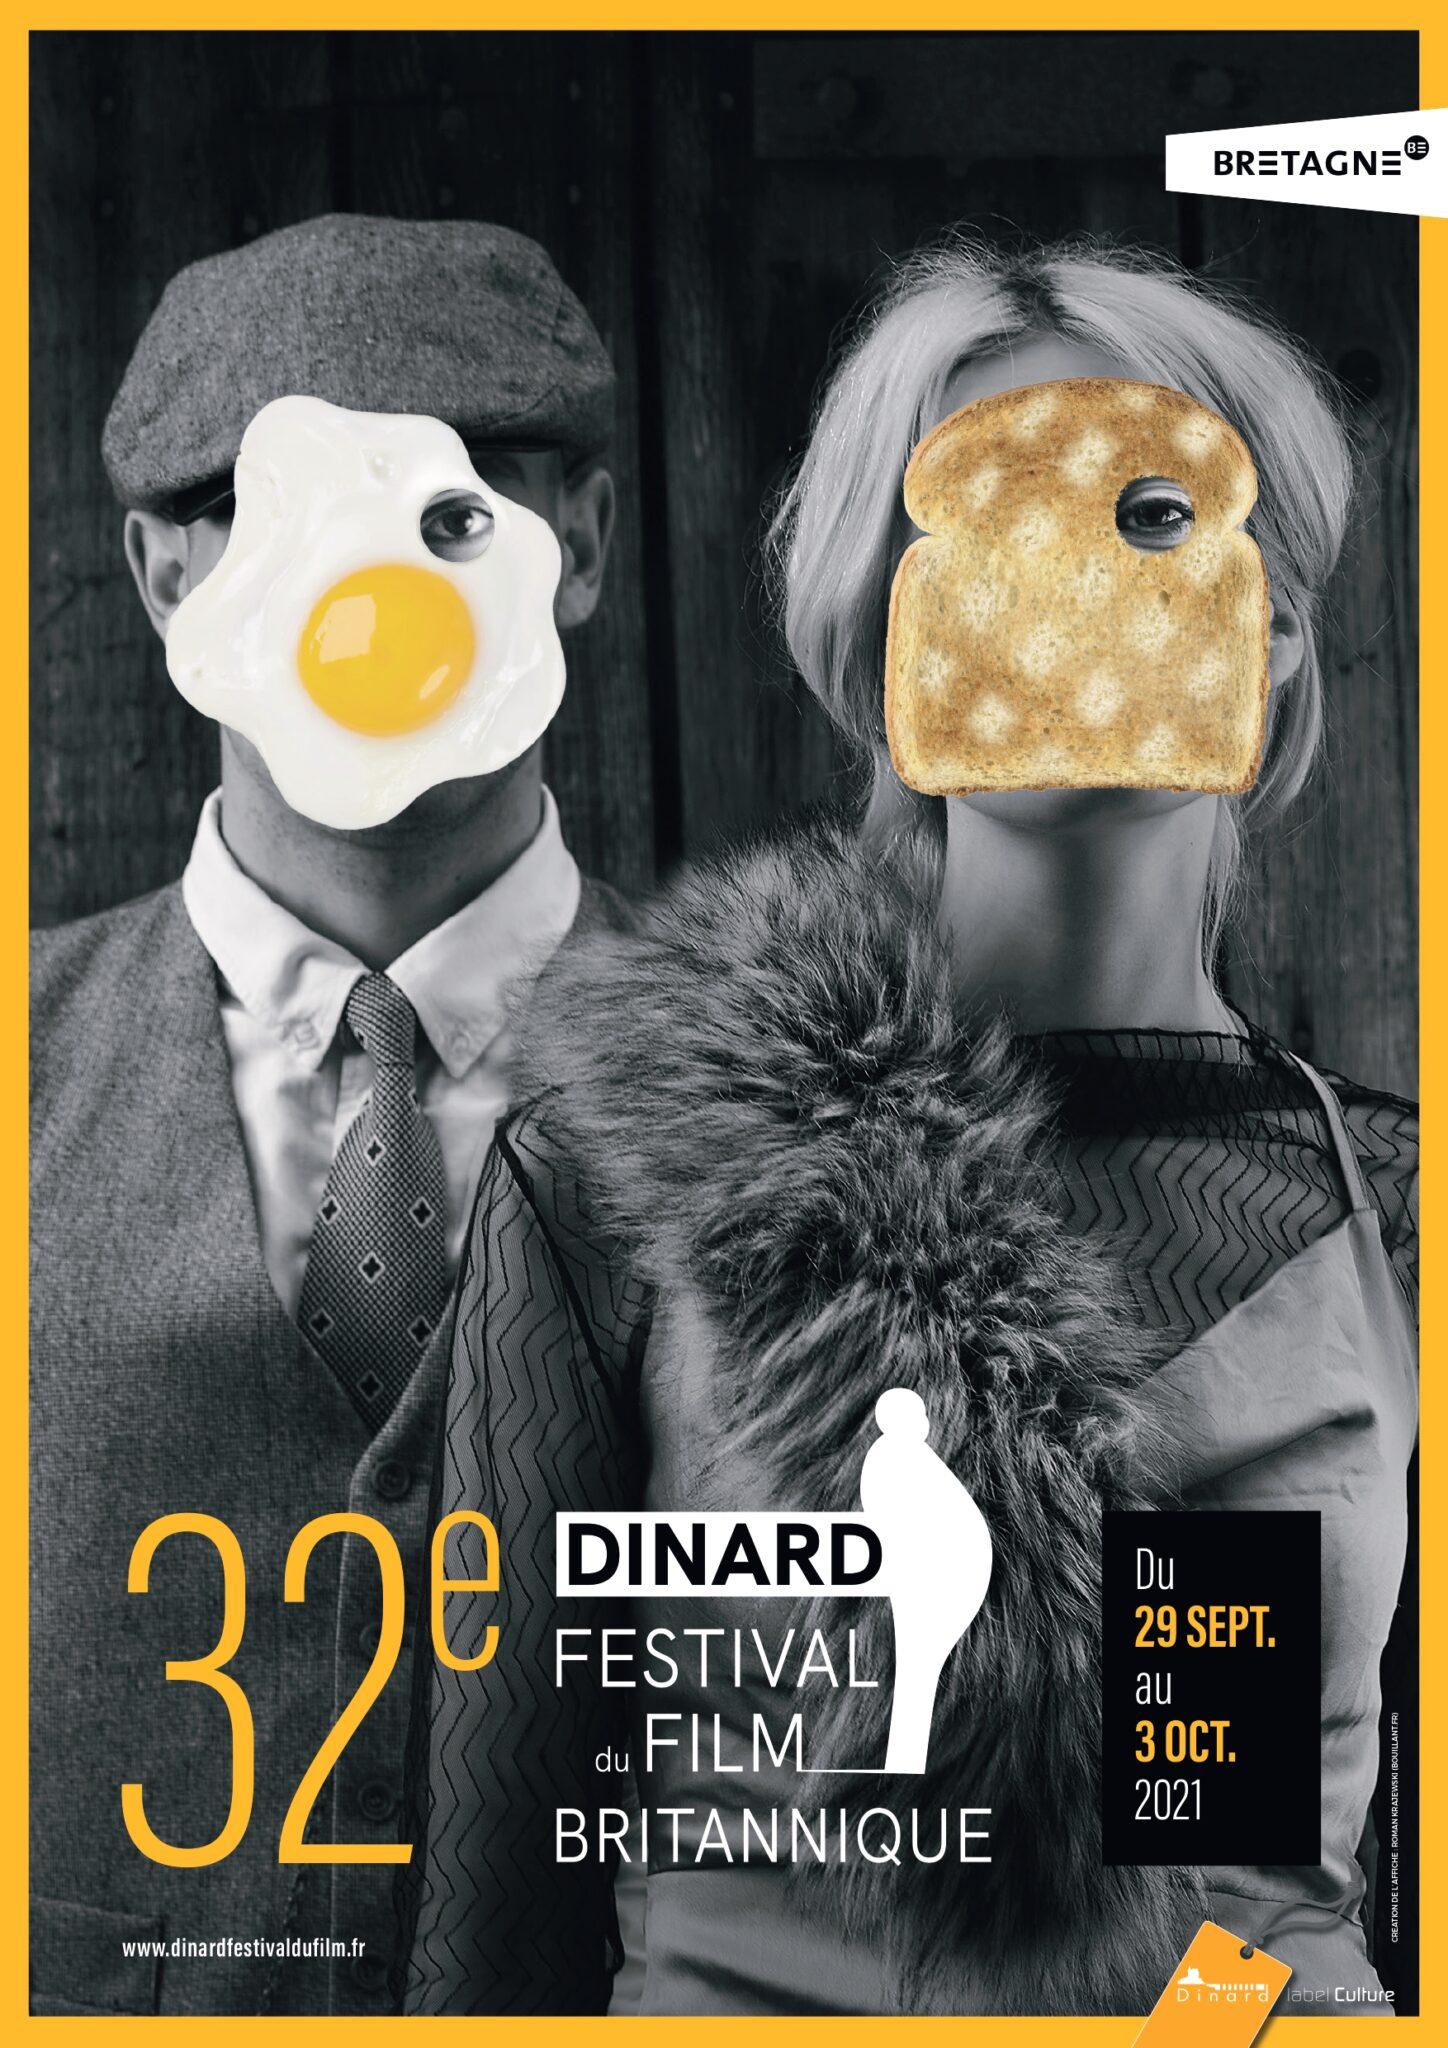 Dinard Festival du Film Britannique_2021